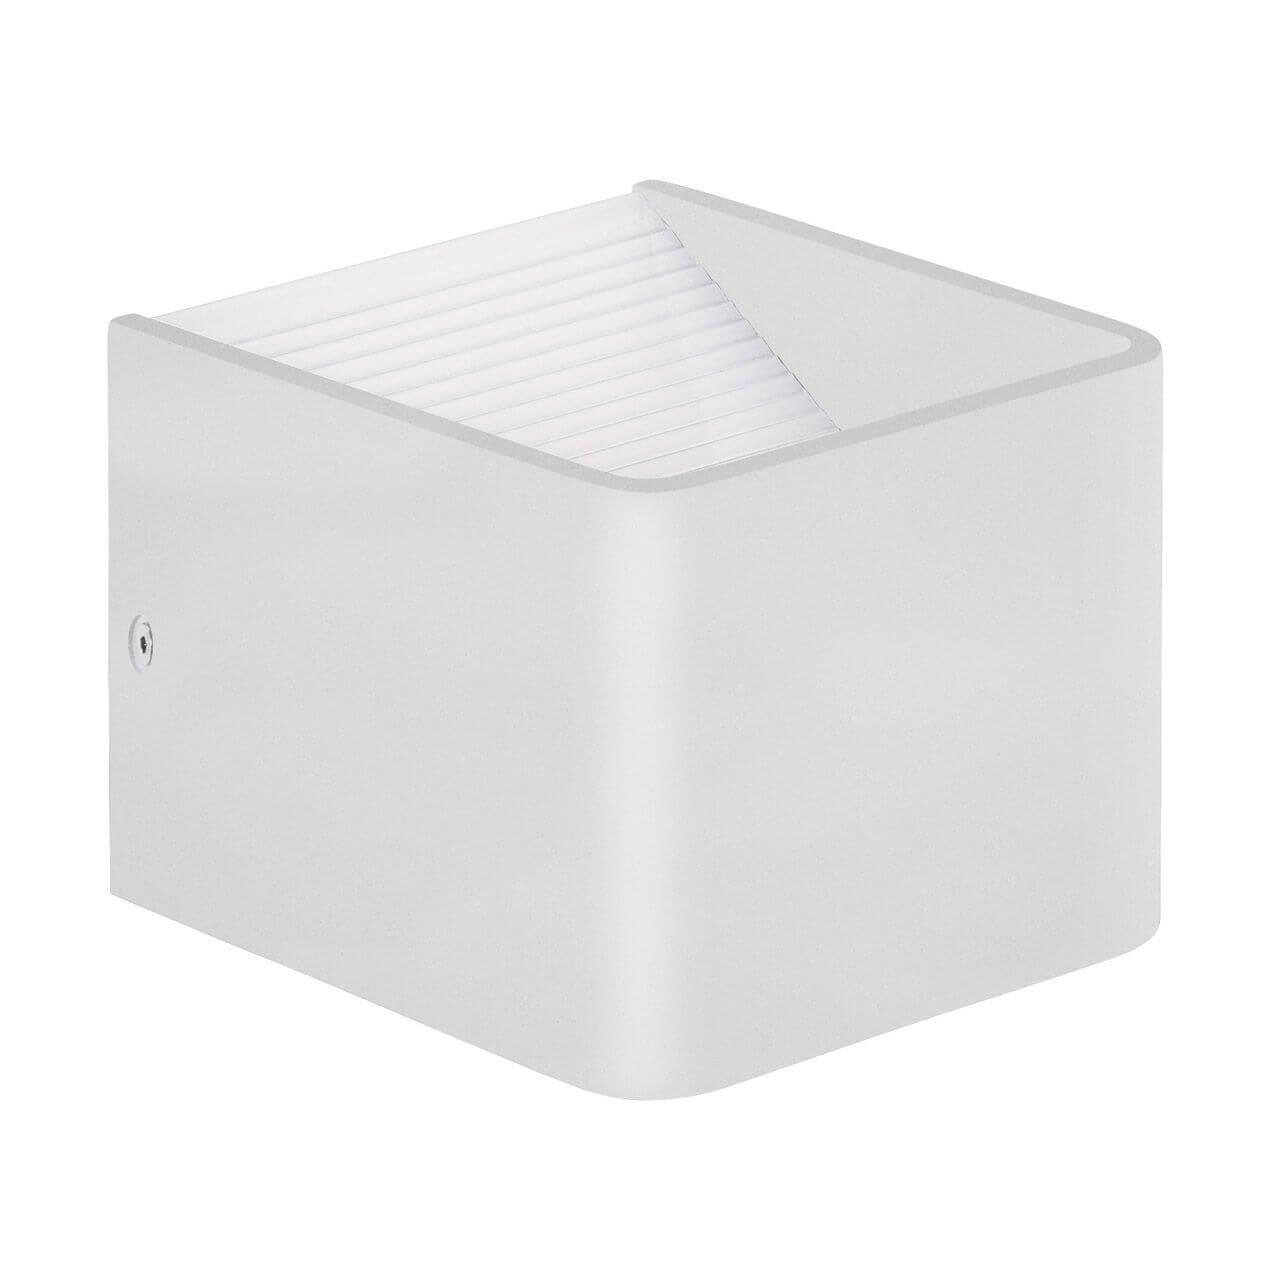 Настенный светодиодный светильник Eglo Sania 3 96046 цена